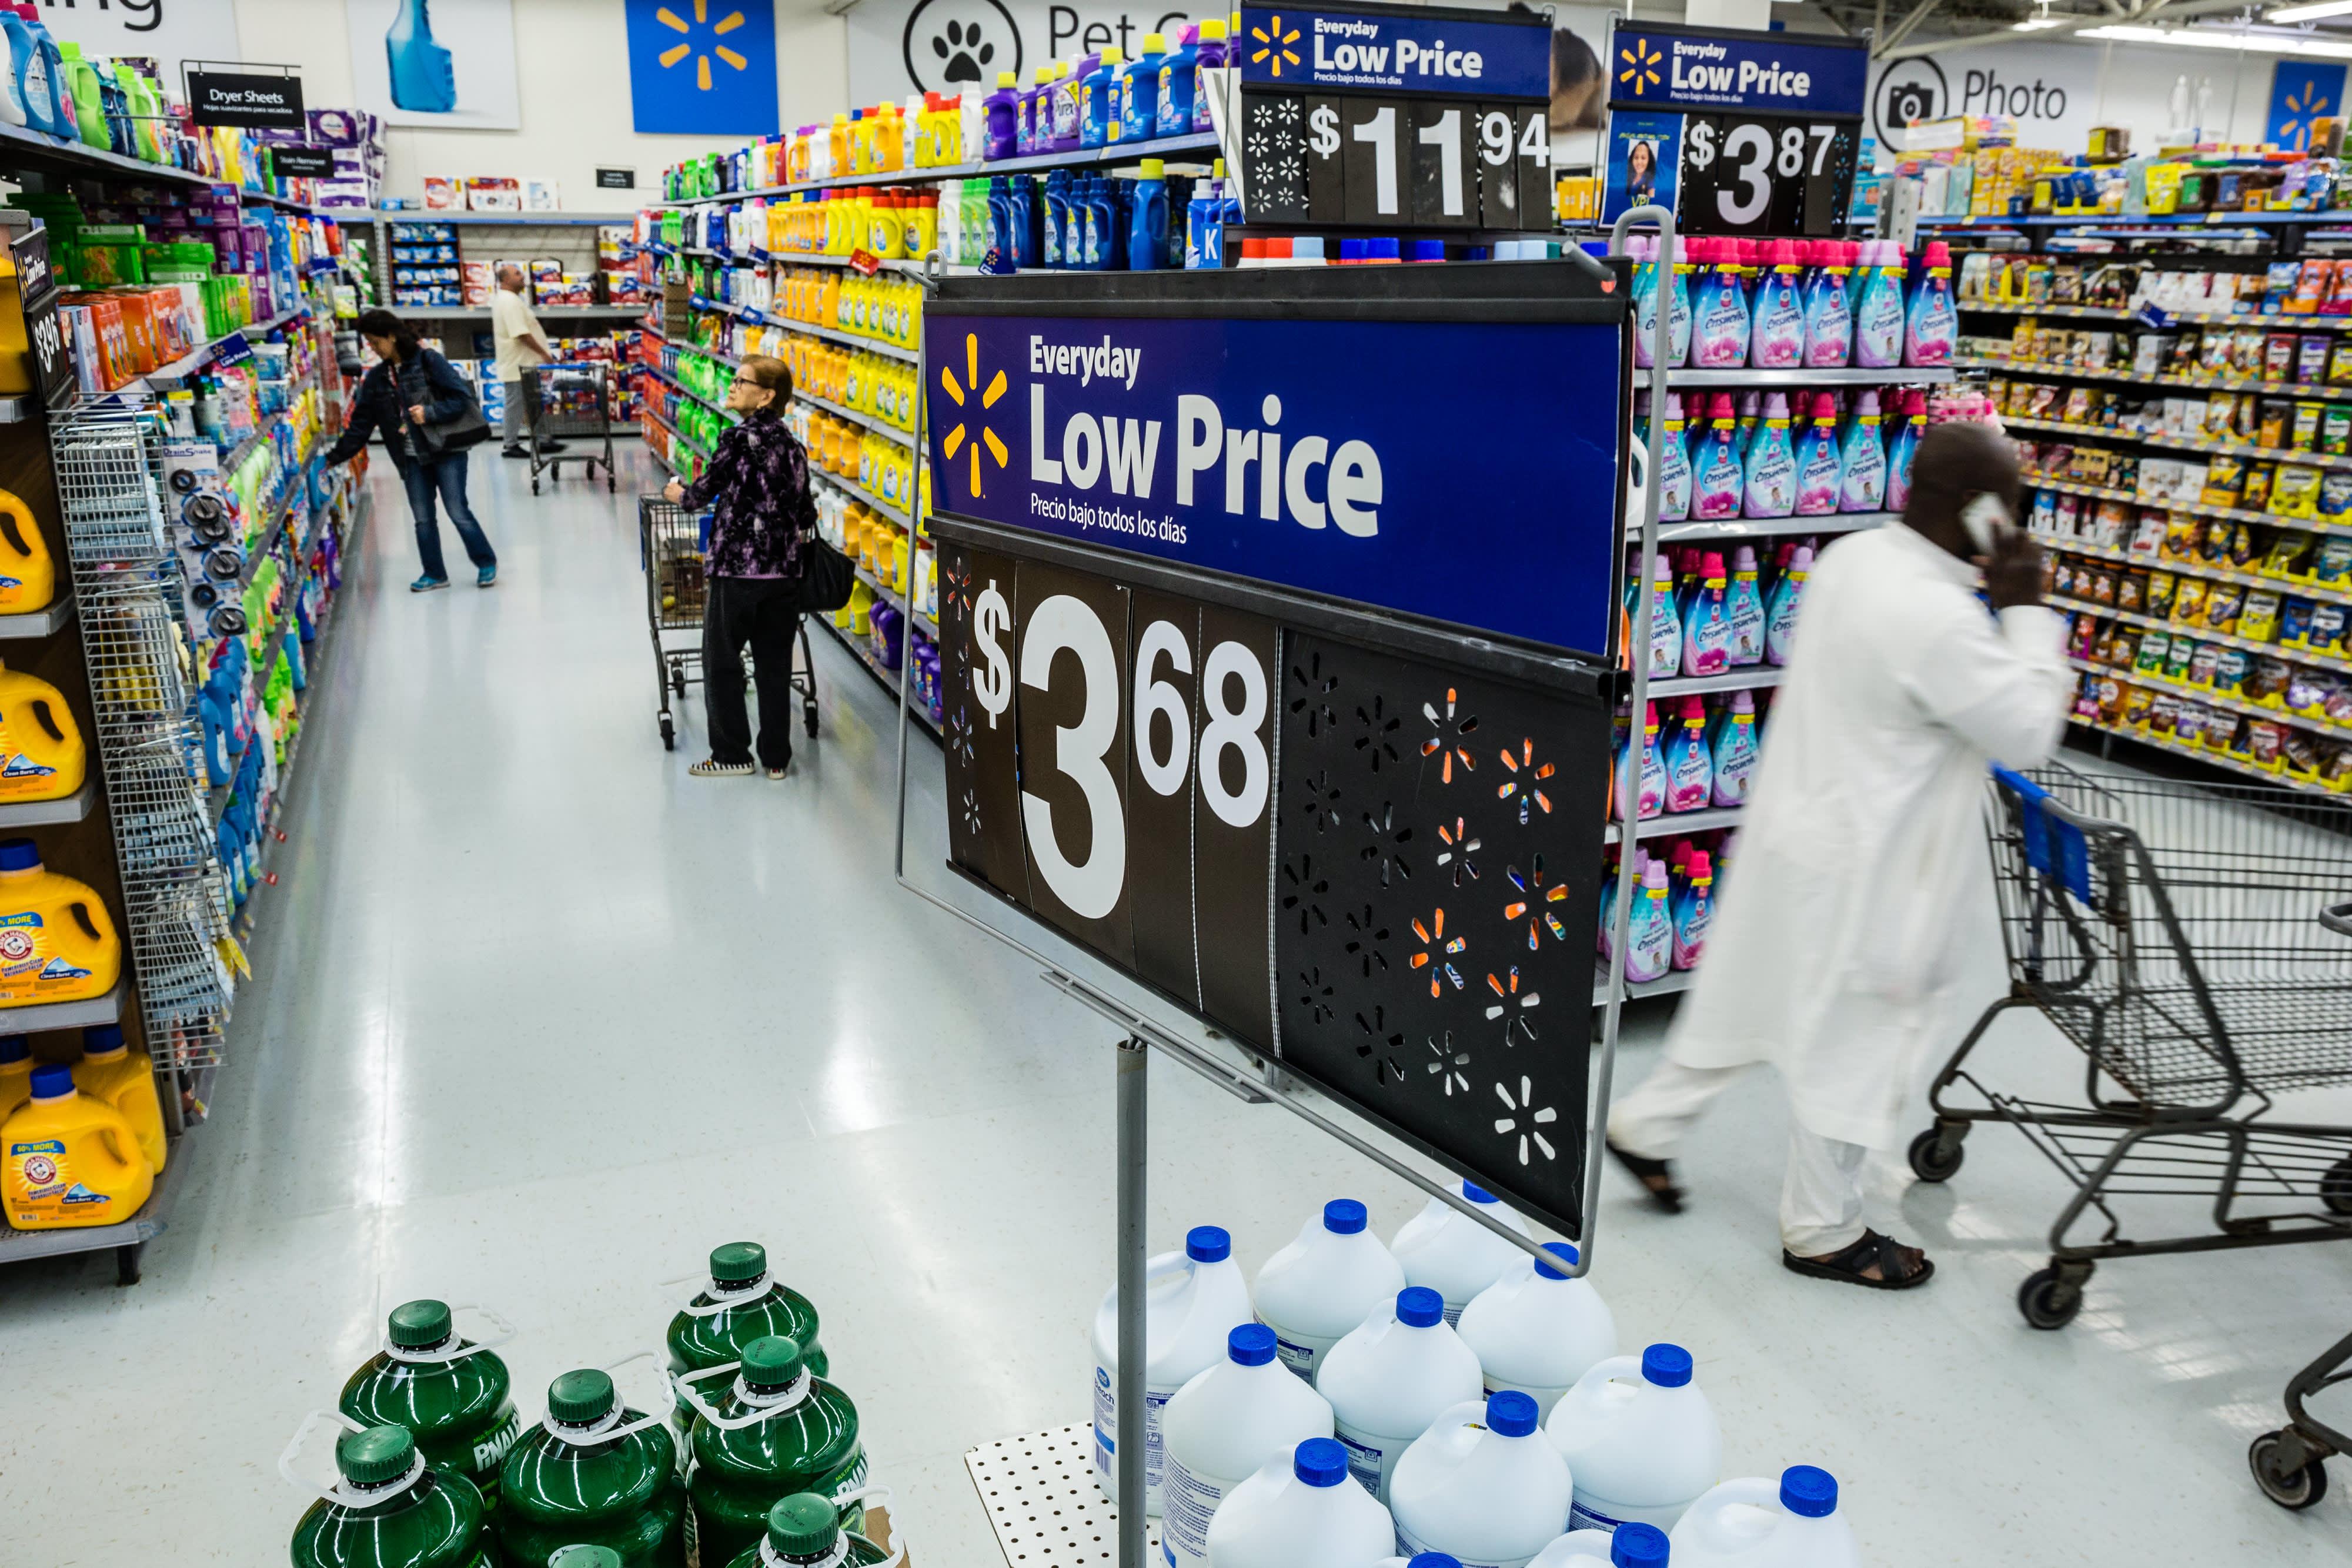 Walmart earnings beat, but revenue falls short, hurt by currency headwinds